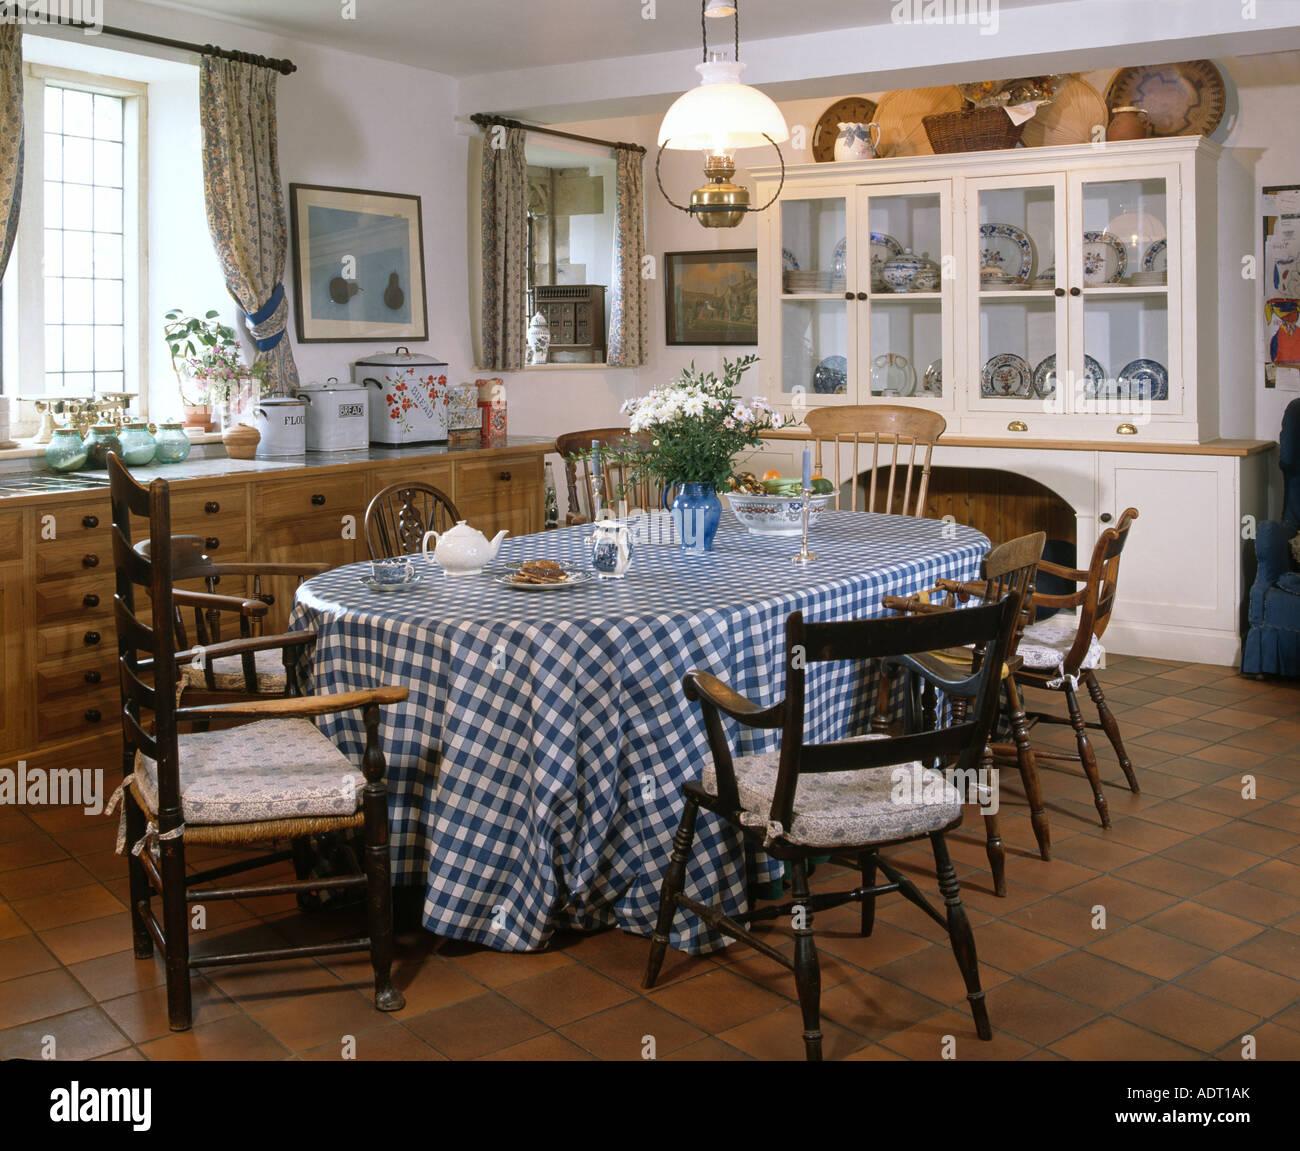 Großzügig Bauern Küchentisch Und Stühle Bilder - Küche Set Ideen ...